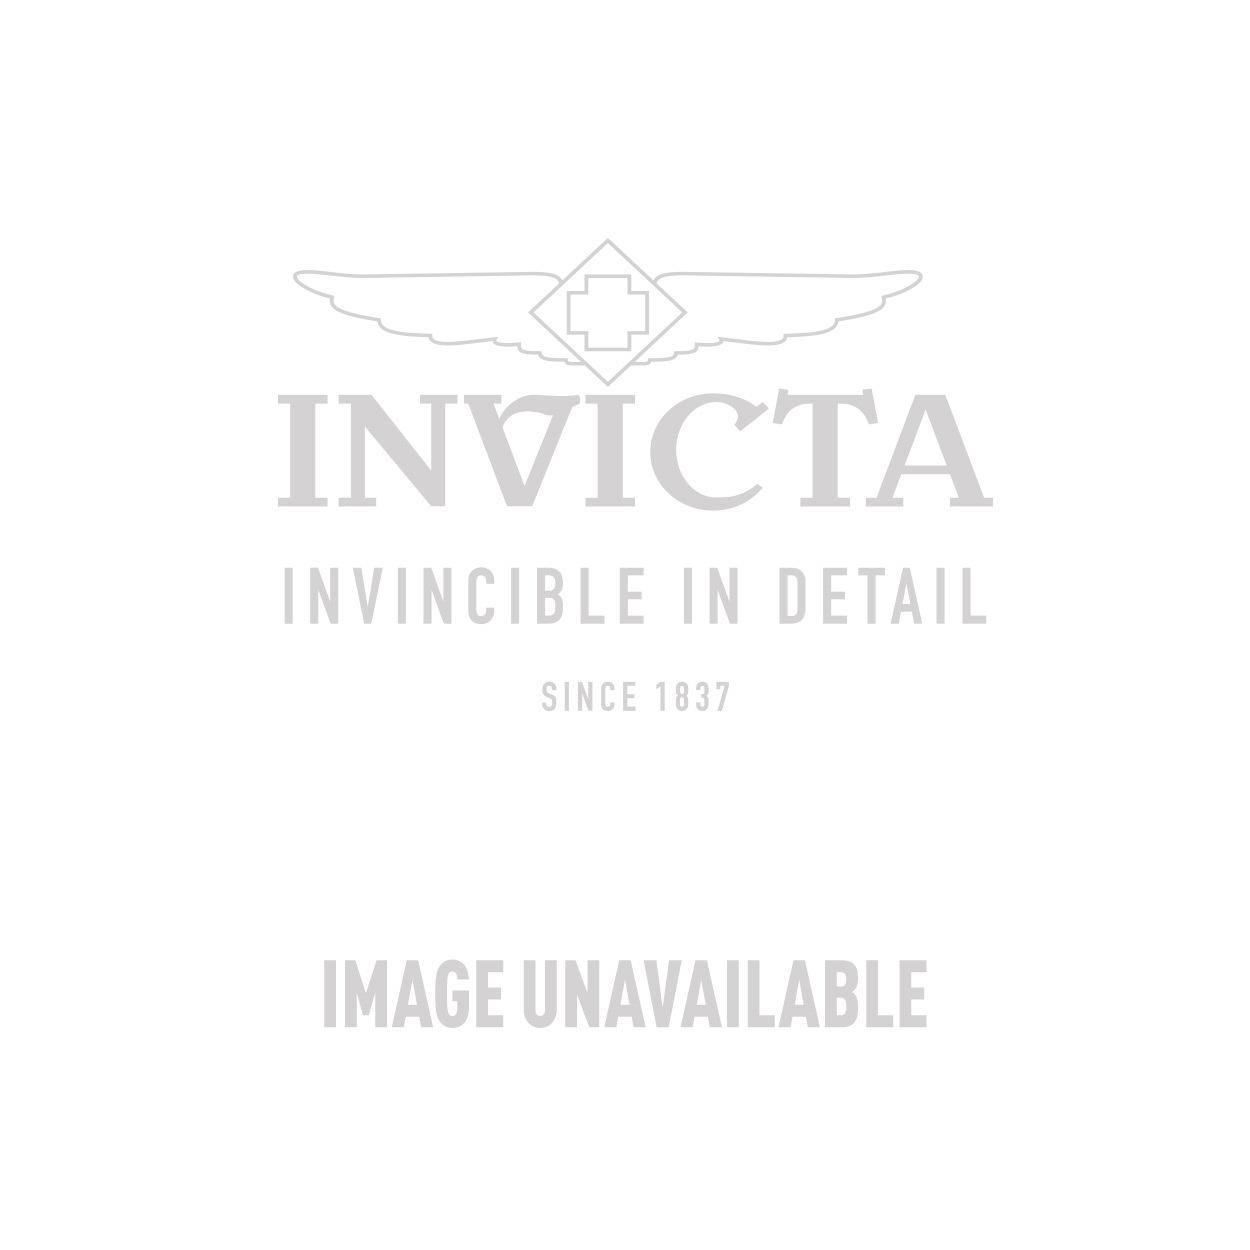 Invicta Model 27232